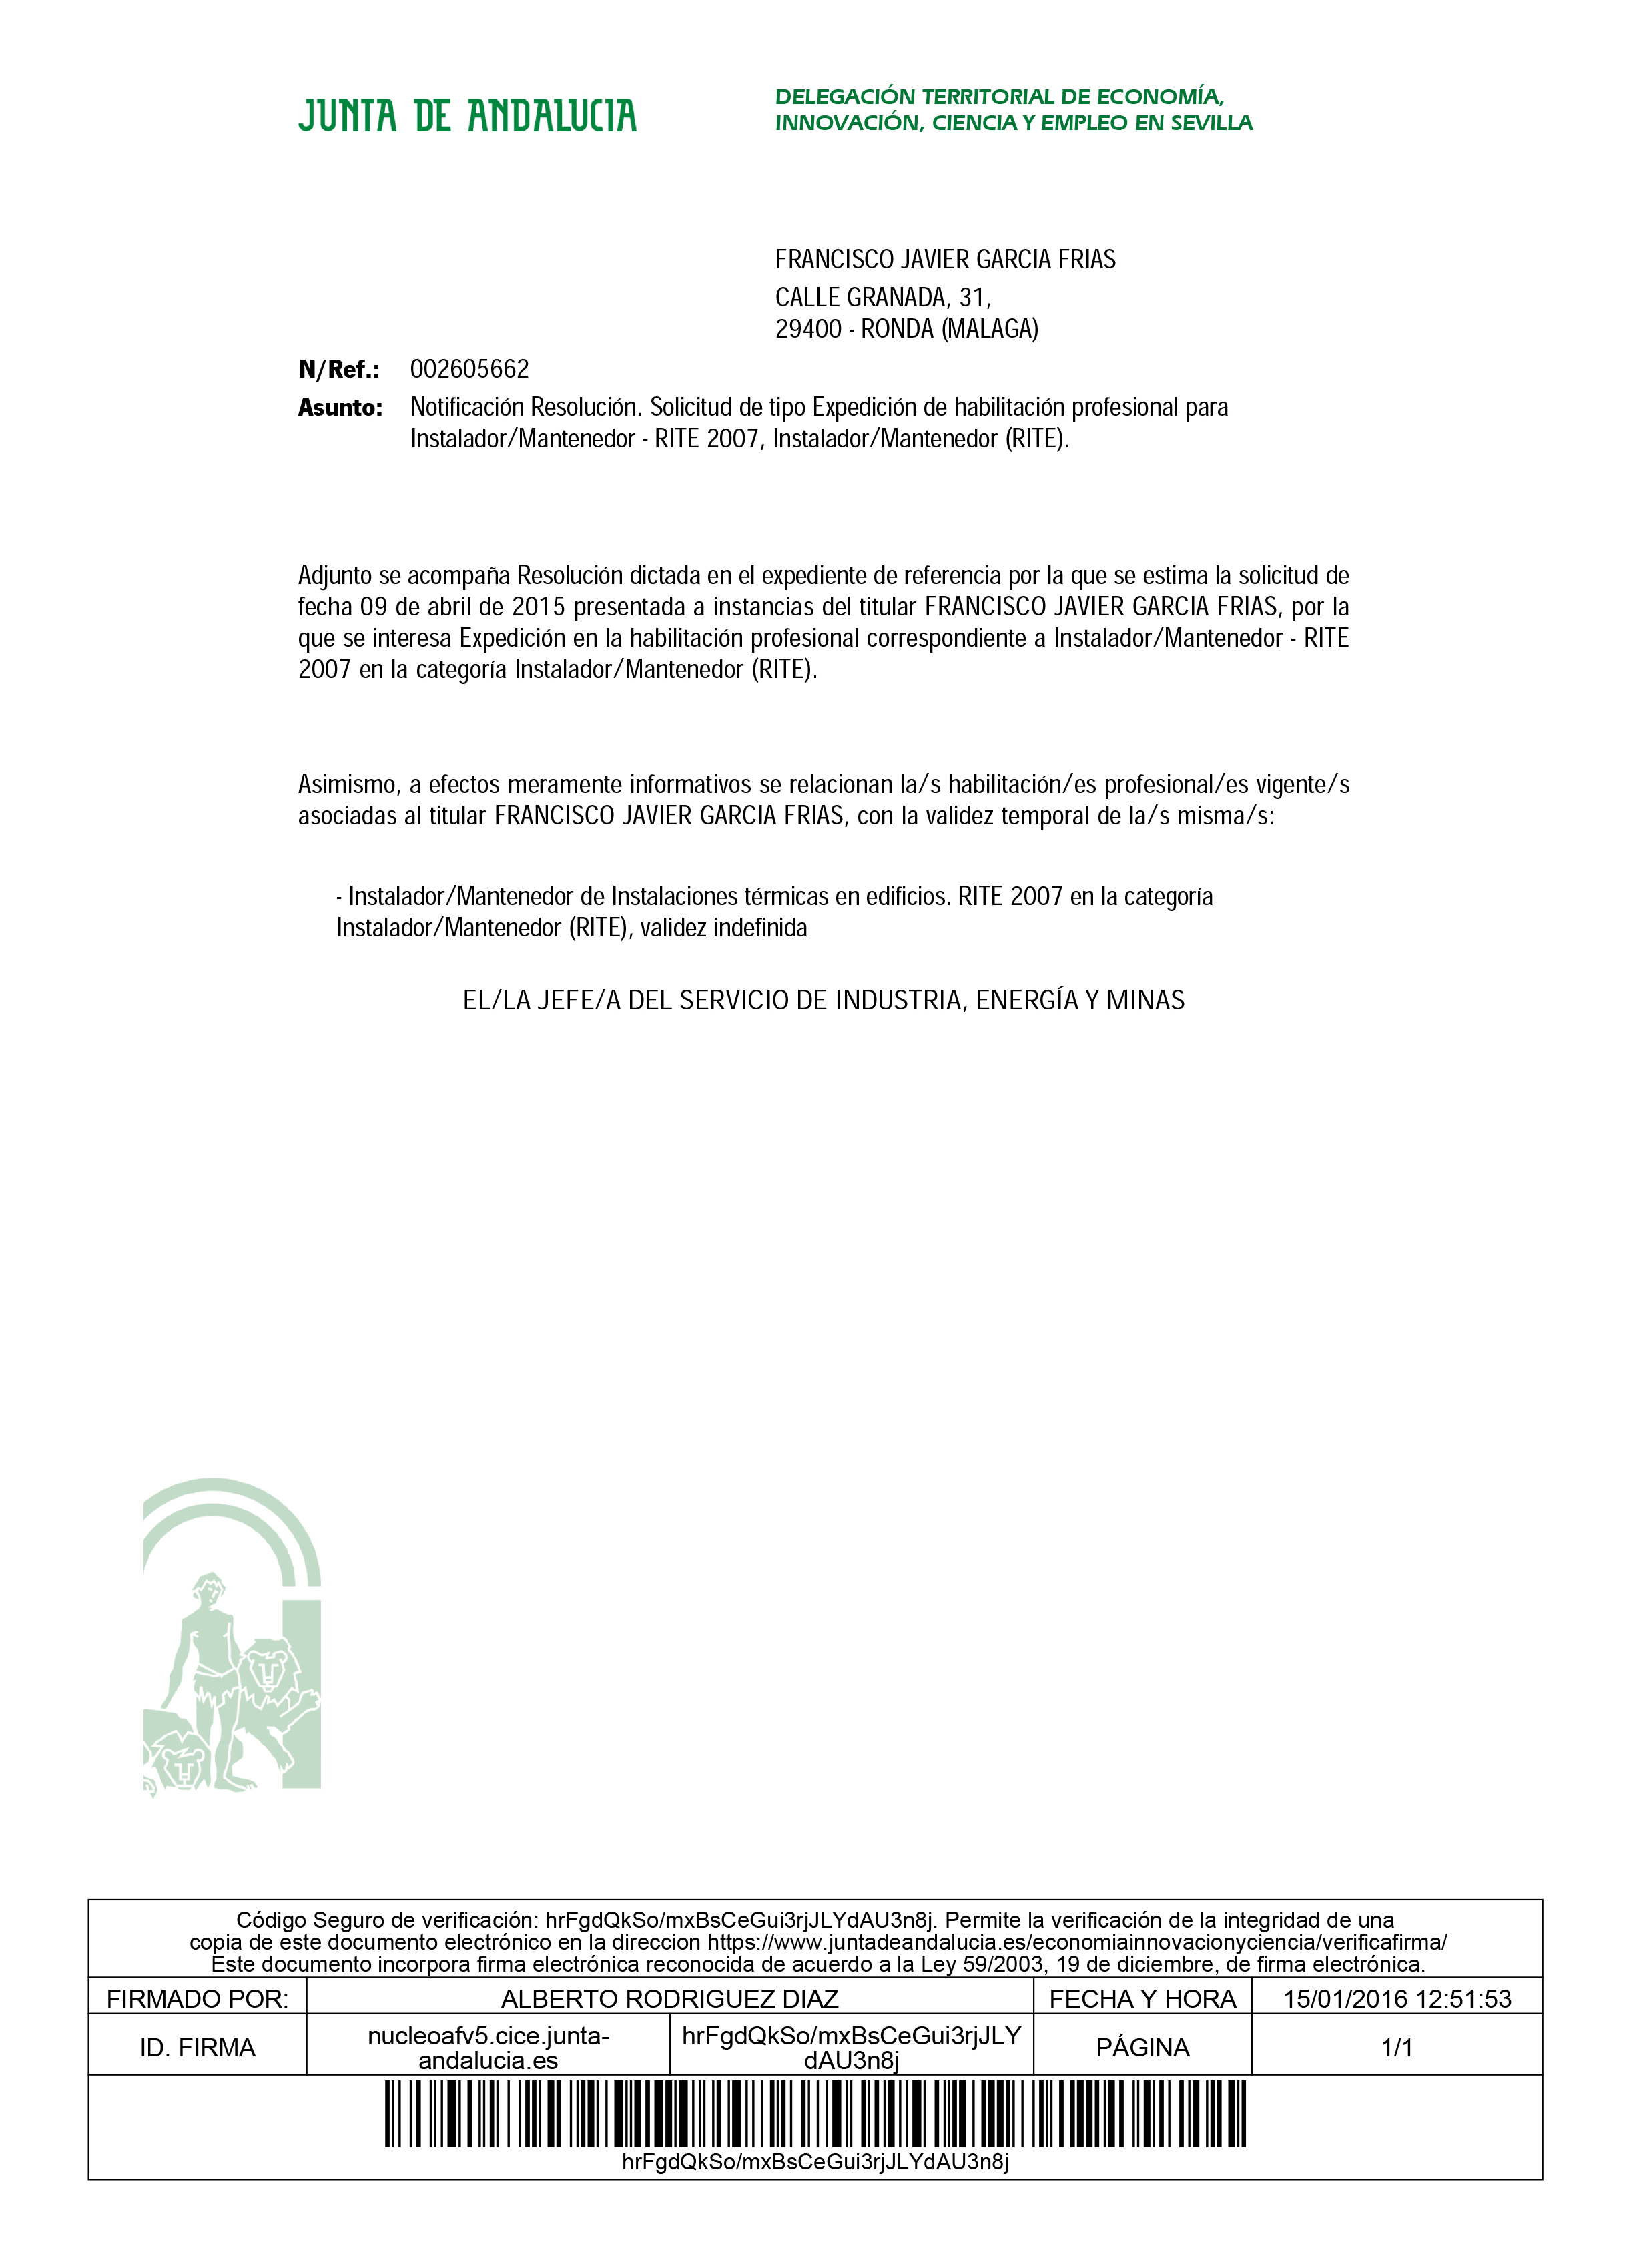 HABILITACIÓN INSTALADOR MANTENEDOR  RITE -1